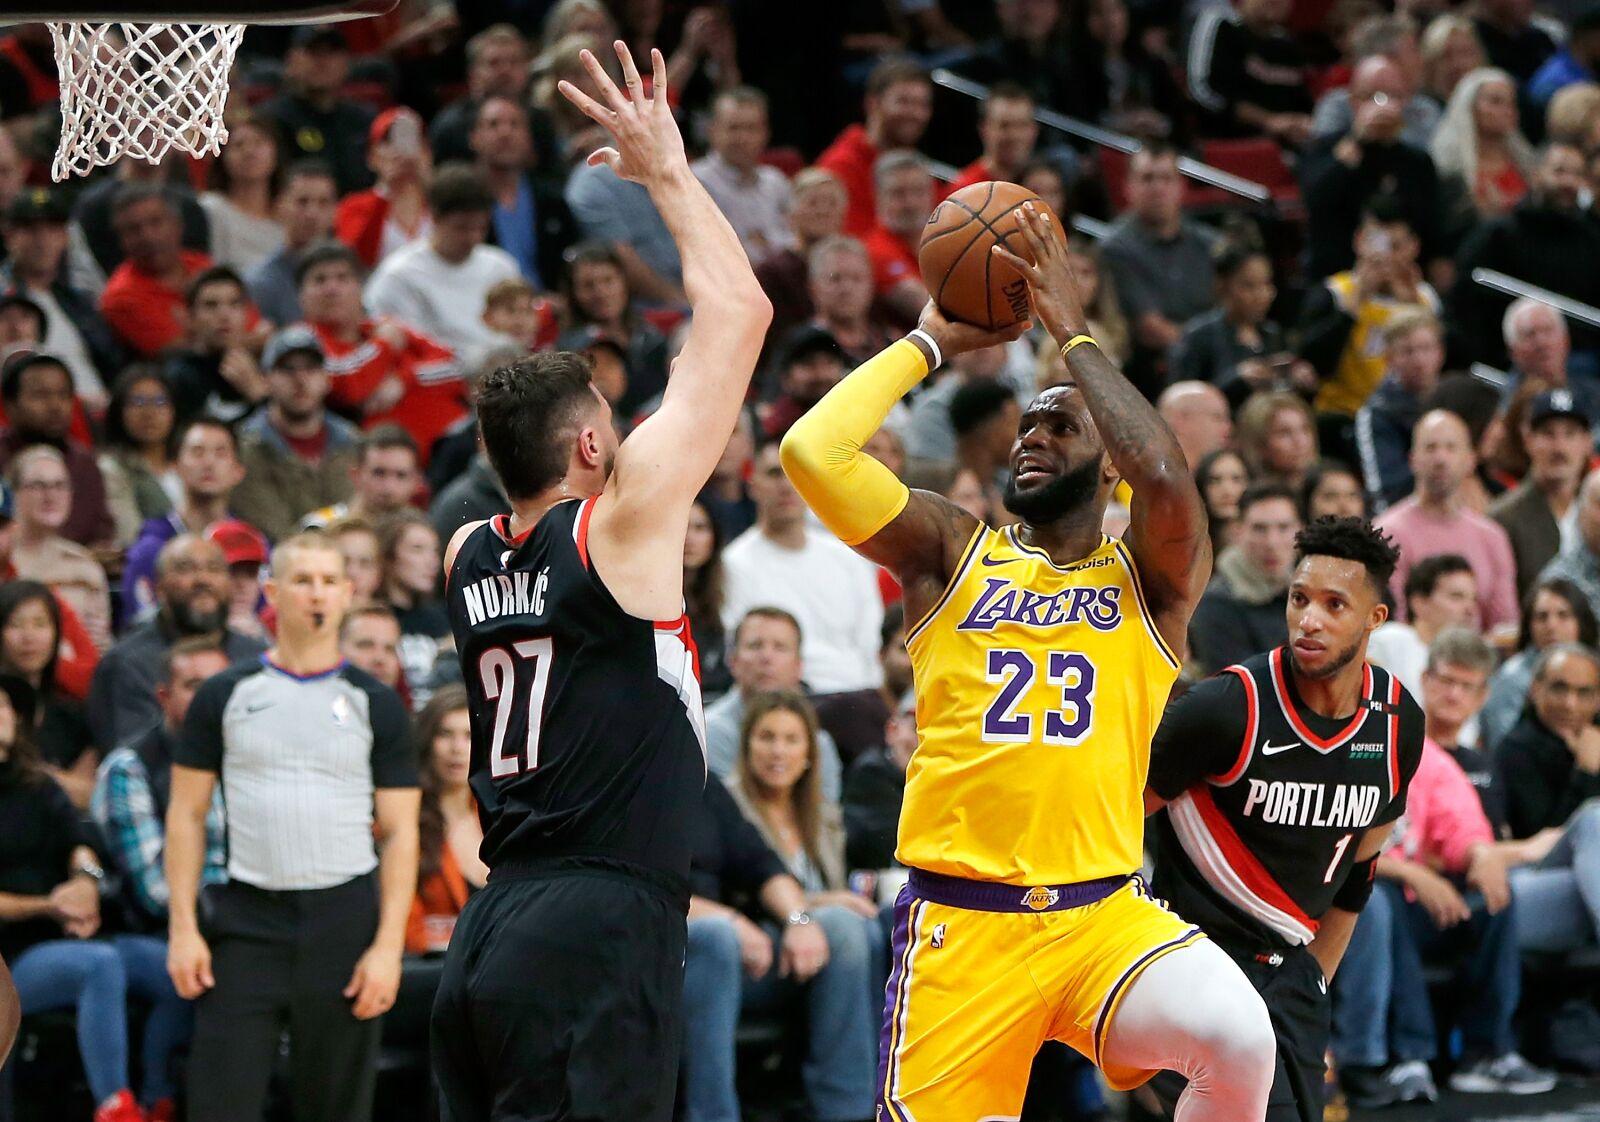 2019-20 Matchup preview: Portland Trail Blazers vs. LA Lakers